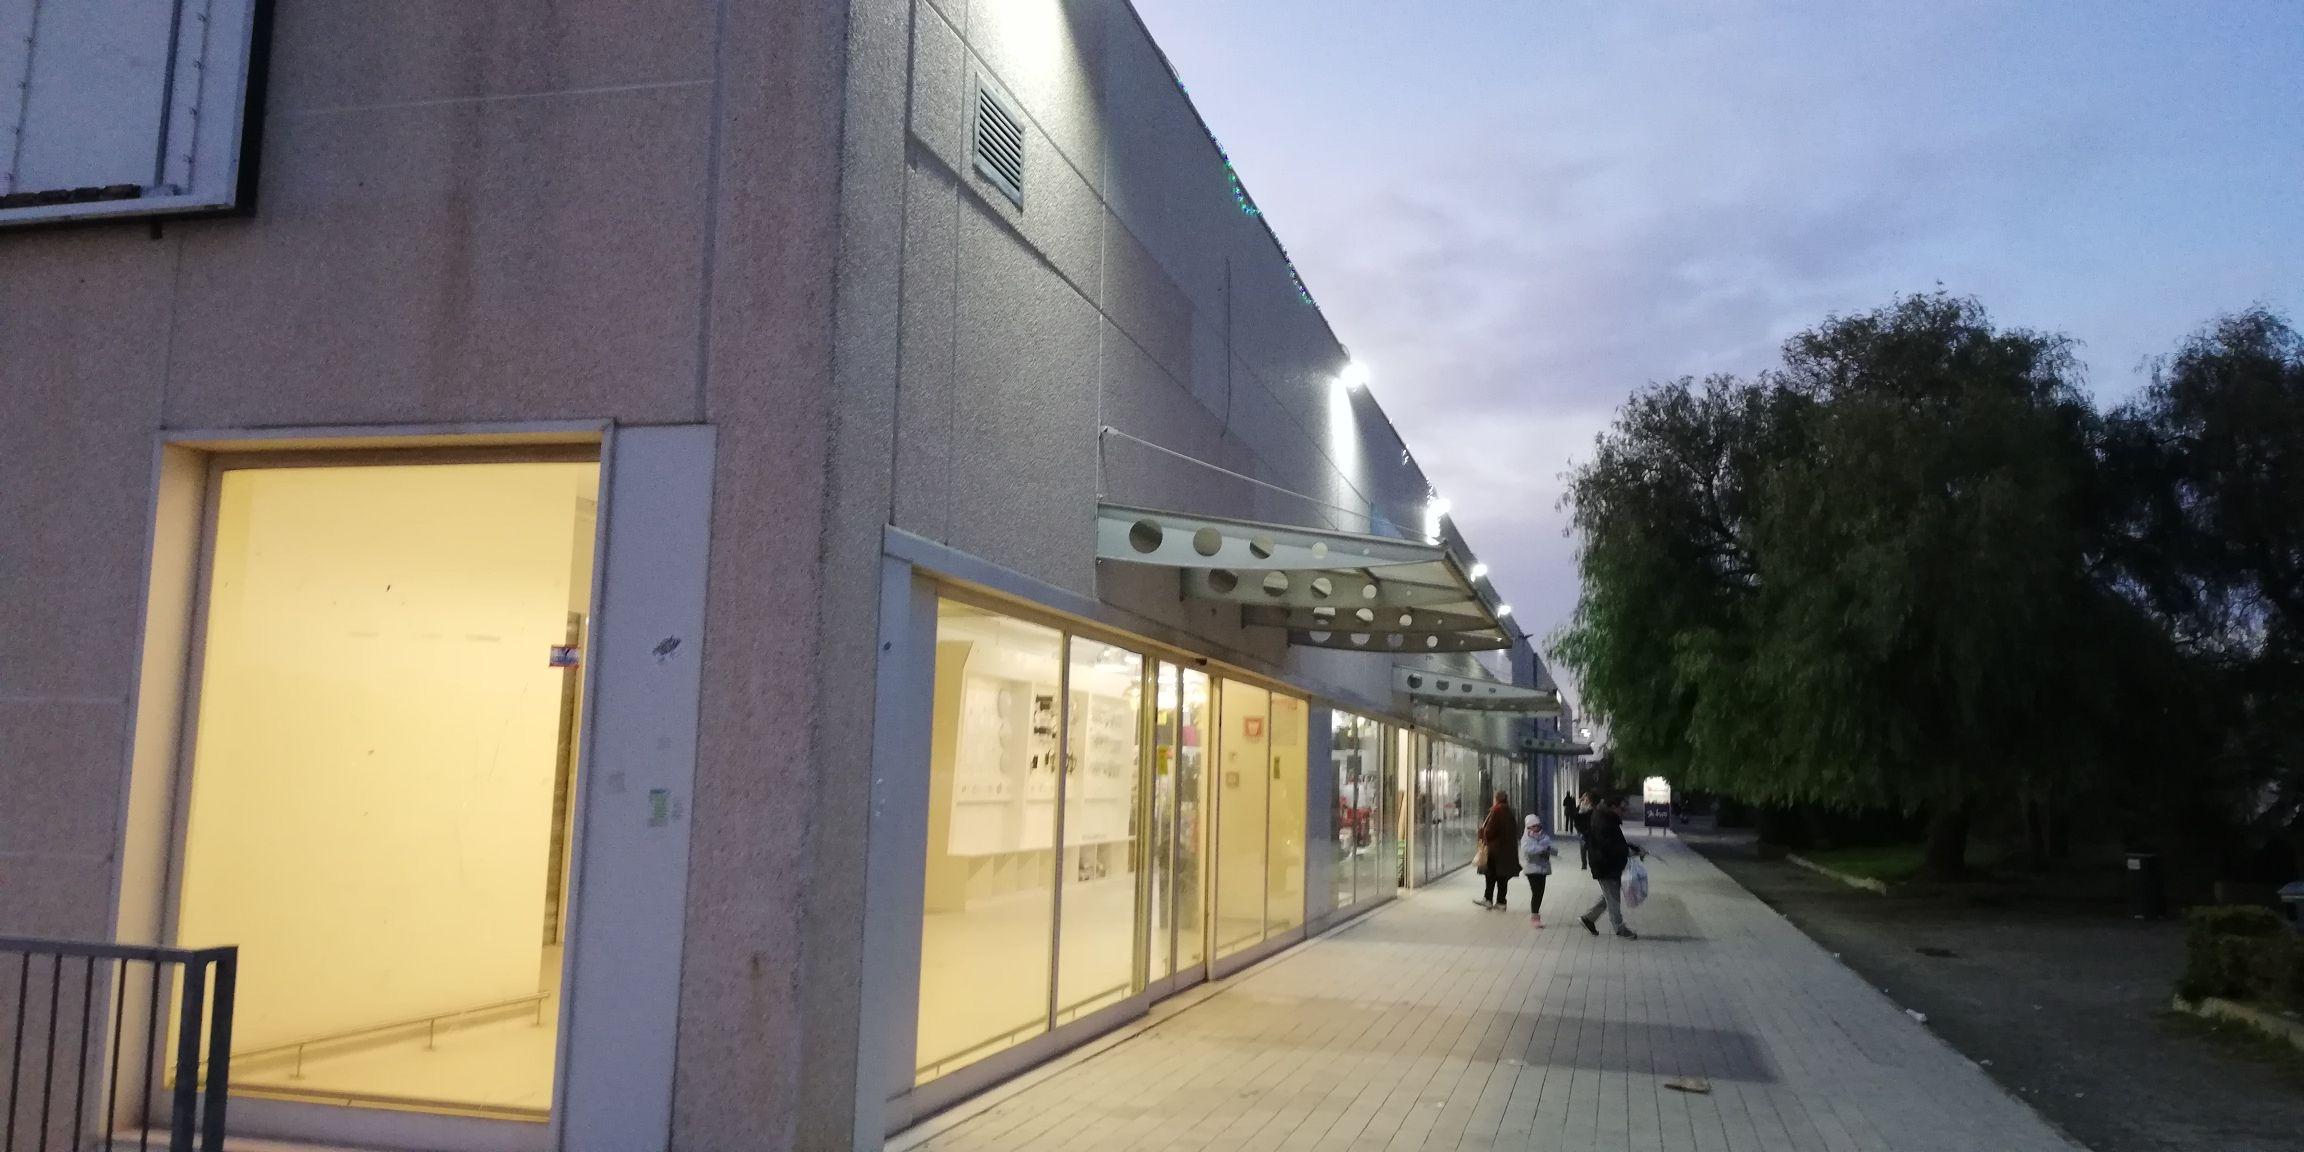 Locale commerciale in affitto a Lecce